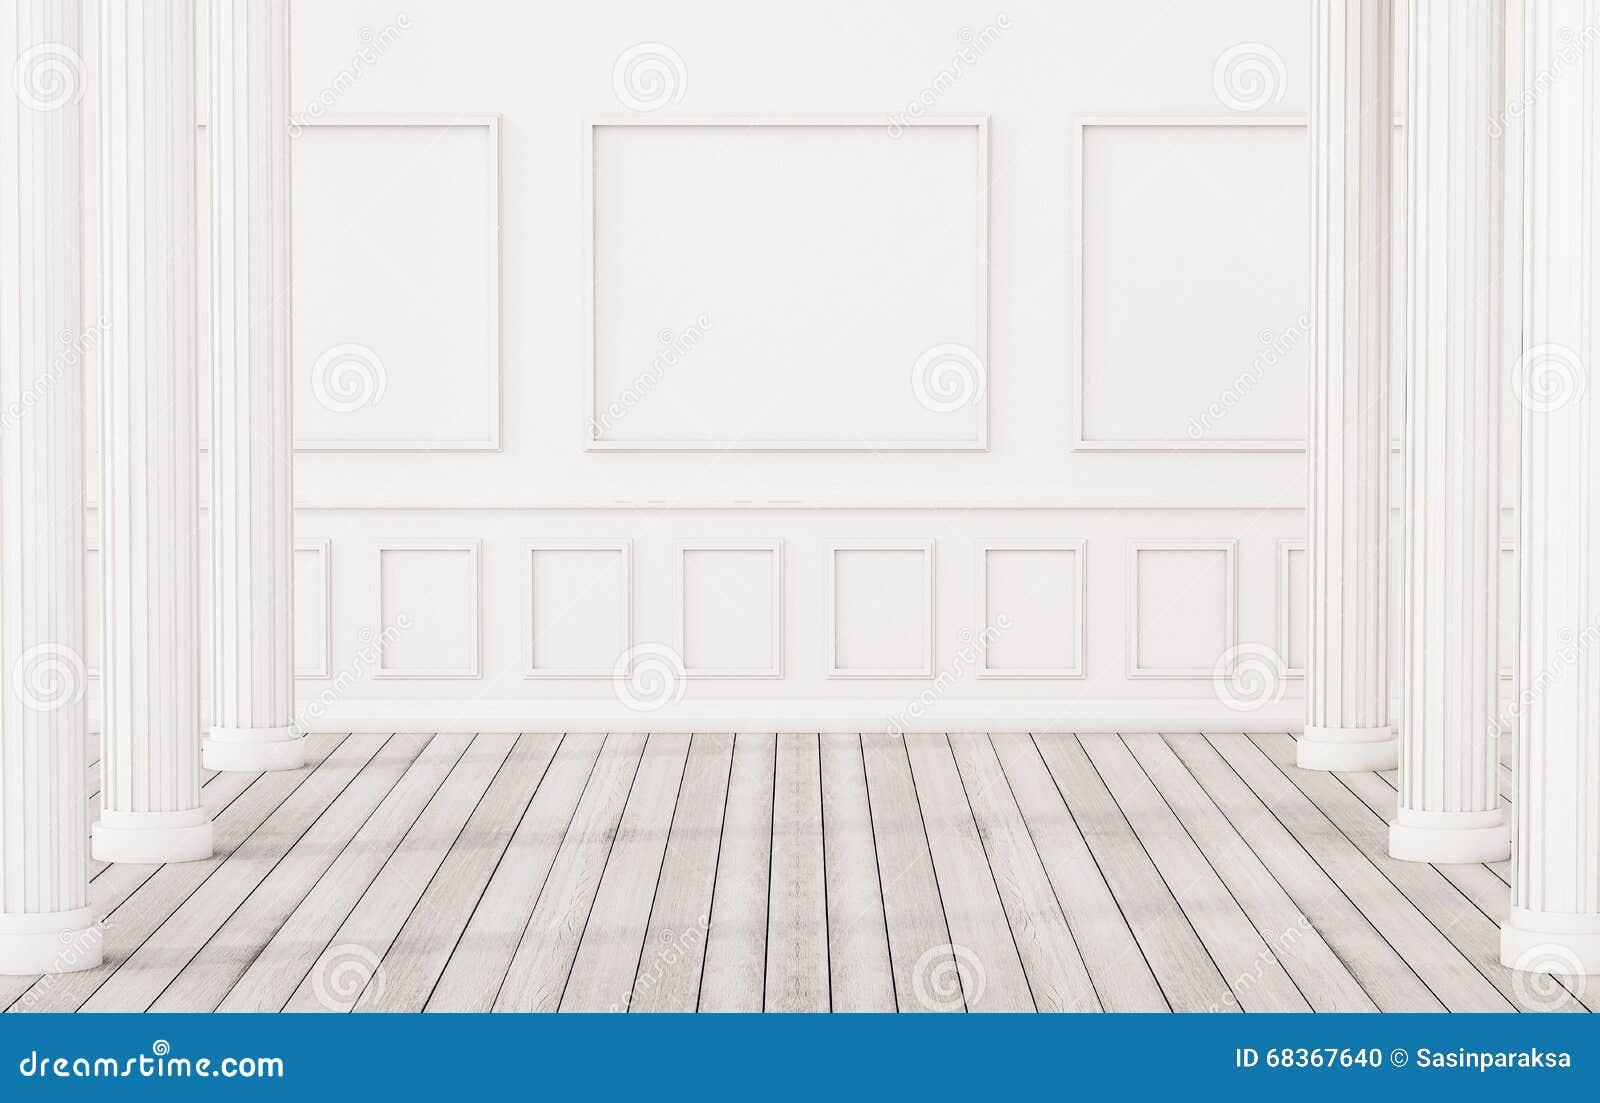 Pavimento di legno interno e bianco classico e parete for Pavimento in legno interno